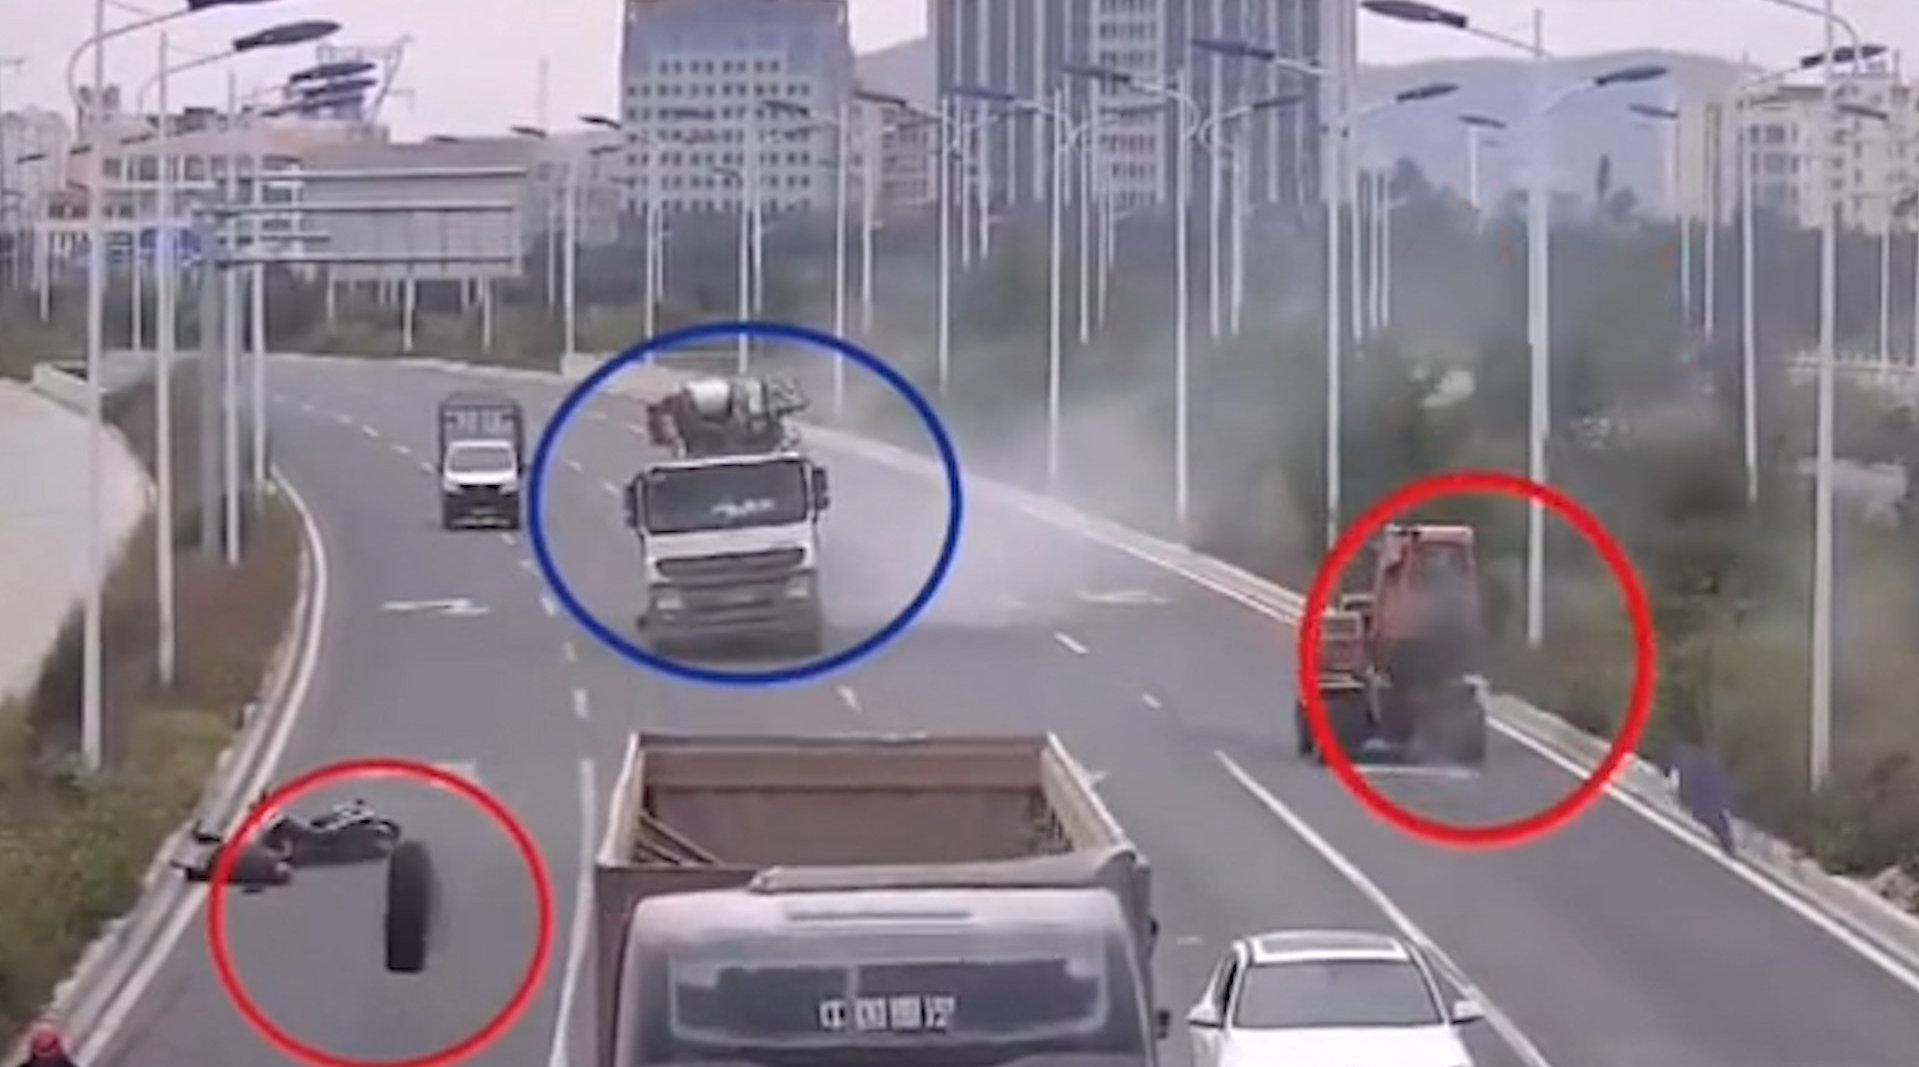 大货车行驶中两只轮胎突然掉落,监控记录惊魂瞬间